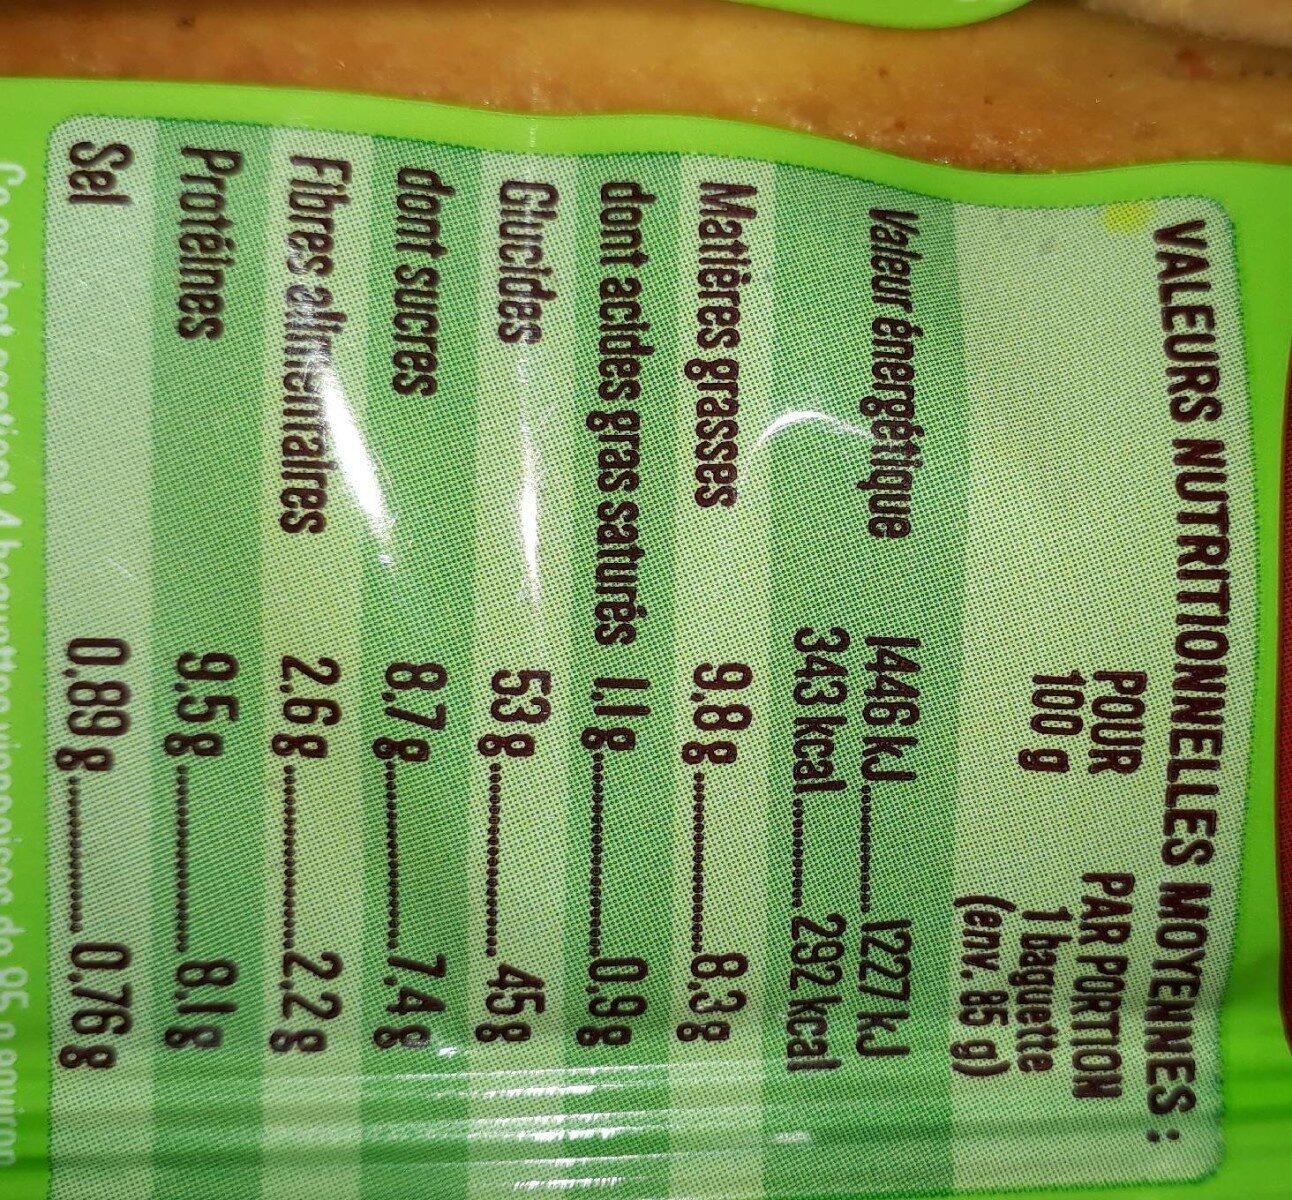 Baguettes viennoises - Valori nutrizionali - fr